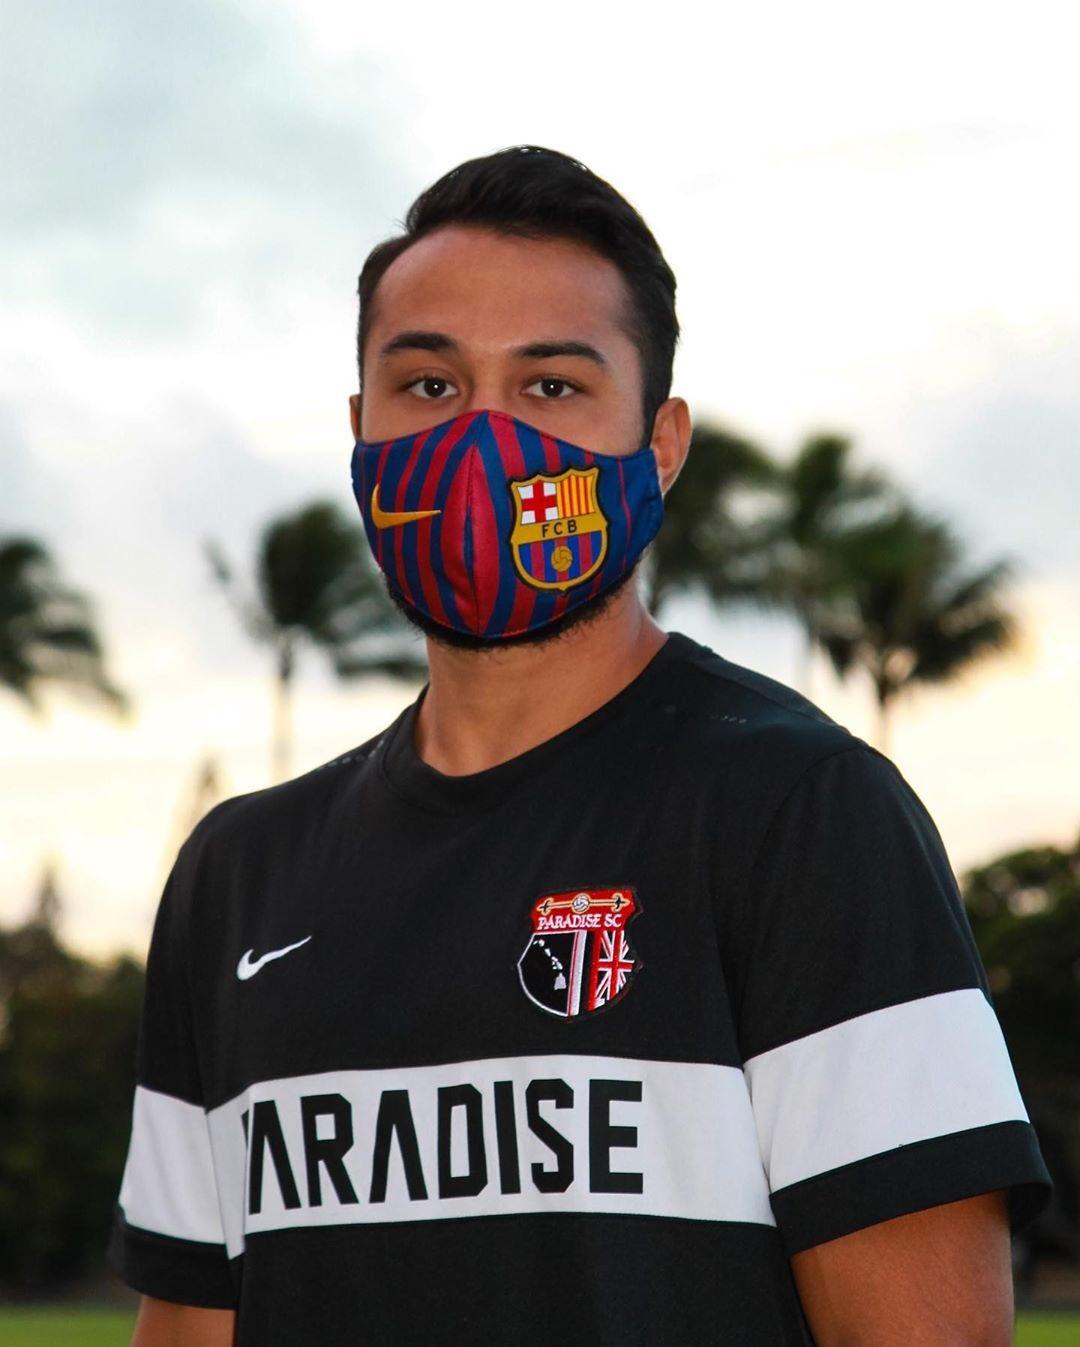 サッカークラブのオリジナルマスク